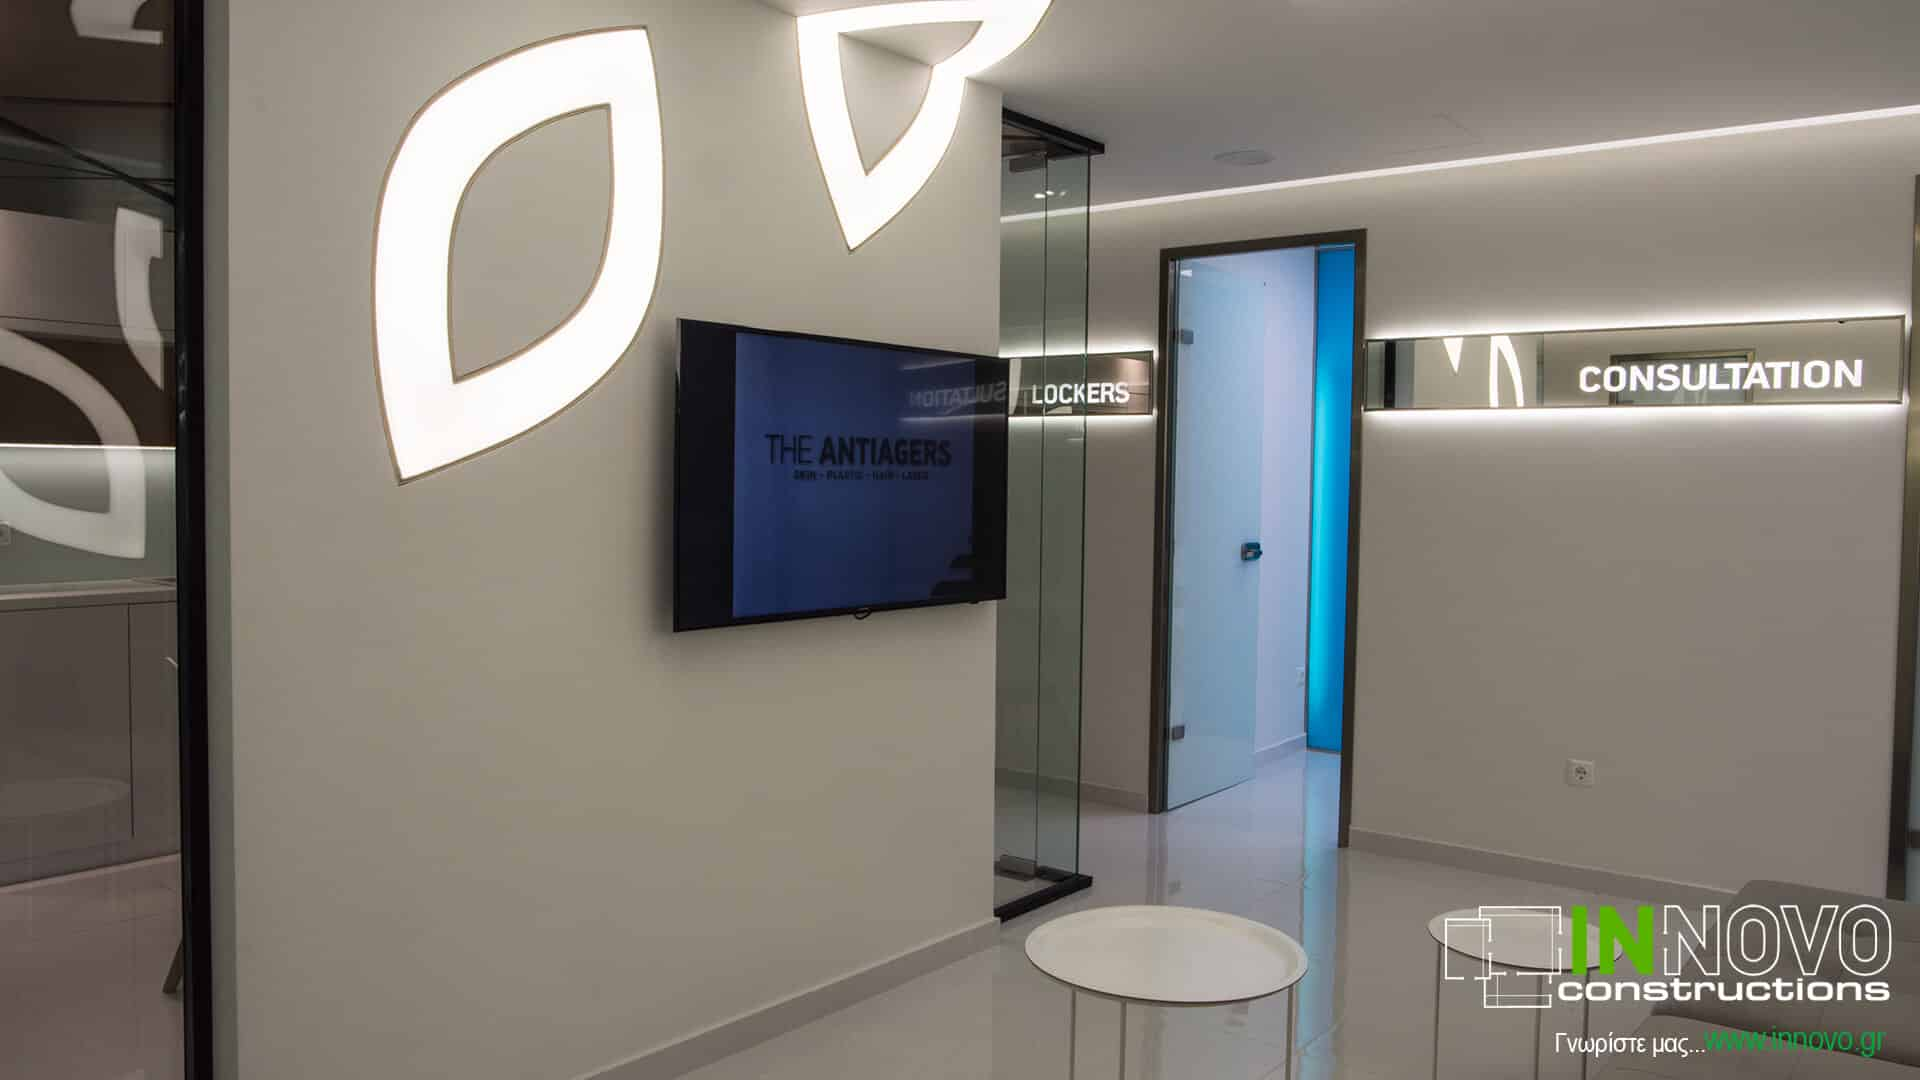 Από την Innovo σχεδιασμός εξοπλισμού Ιατρείου Πλαστικής